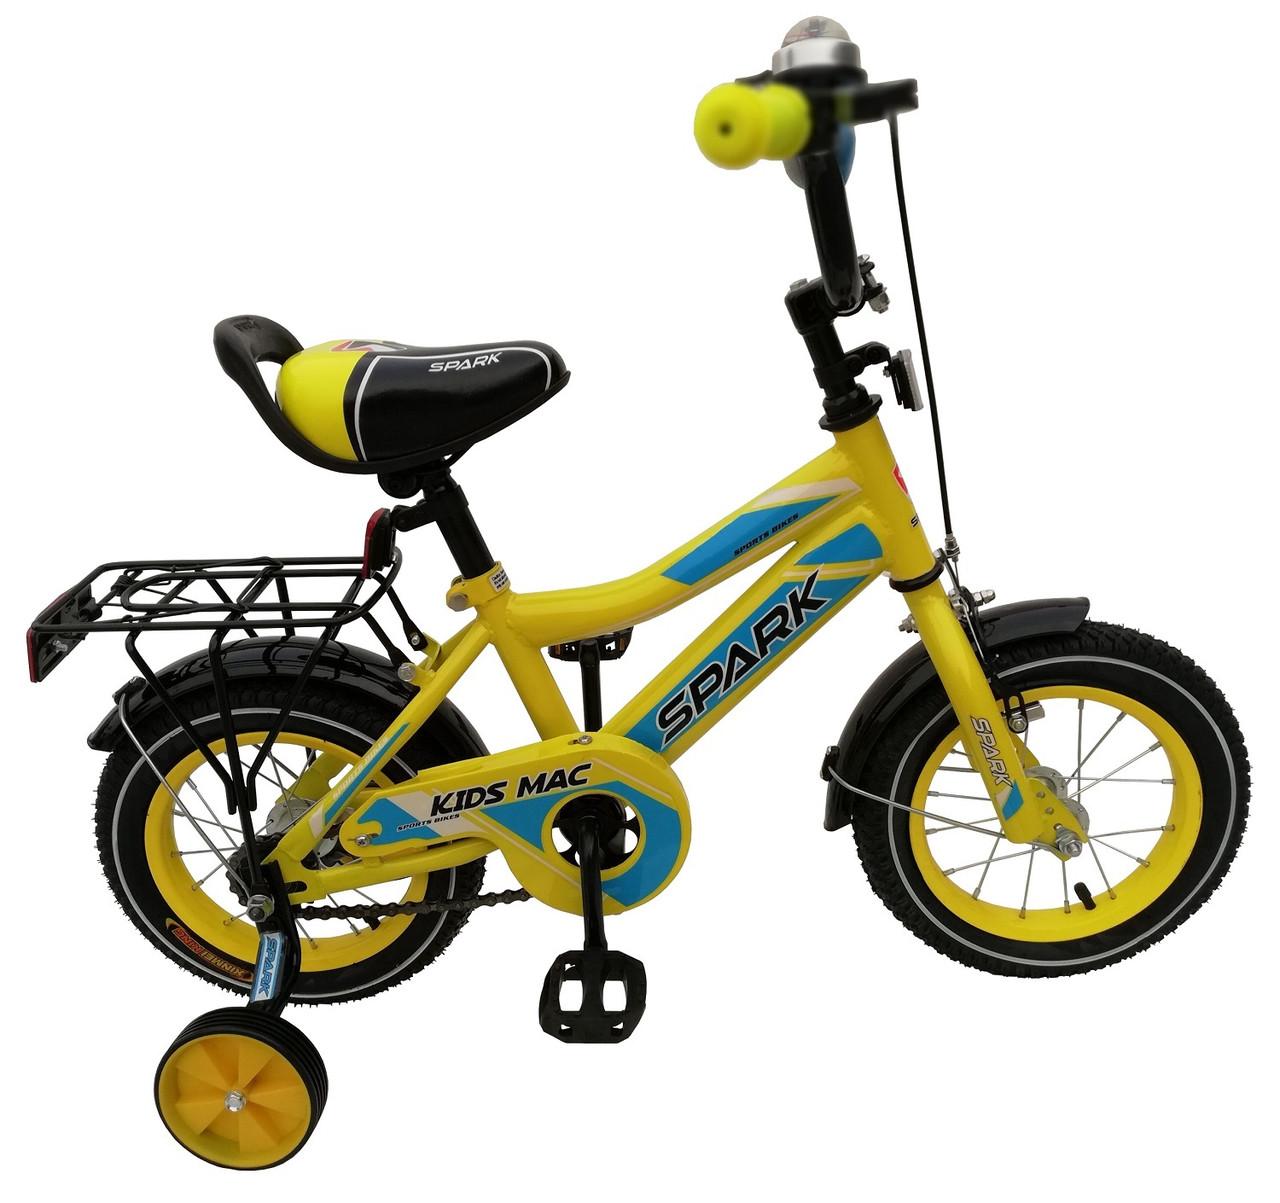 Велосипед SPARK KIDS MAC сталь TV1801-001